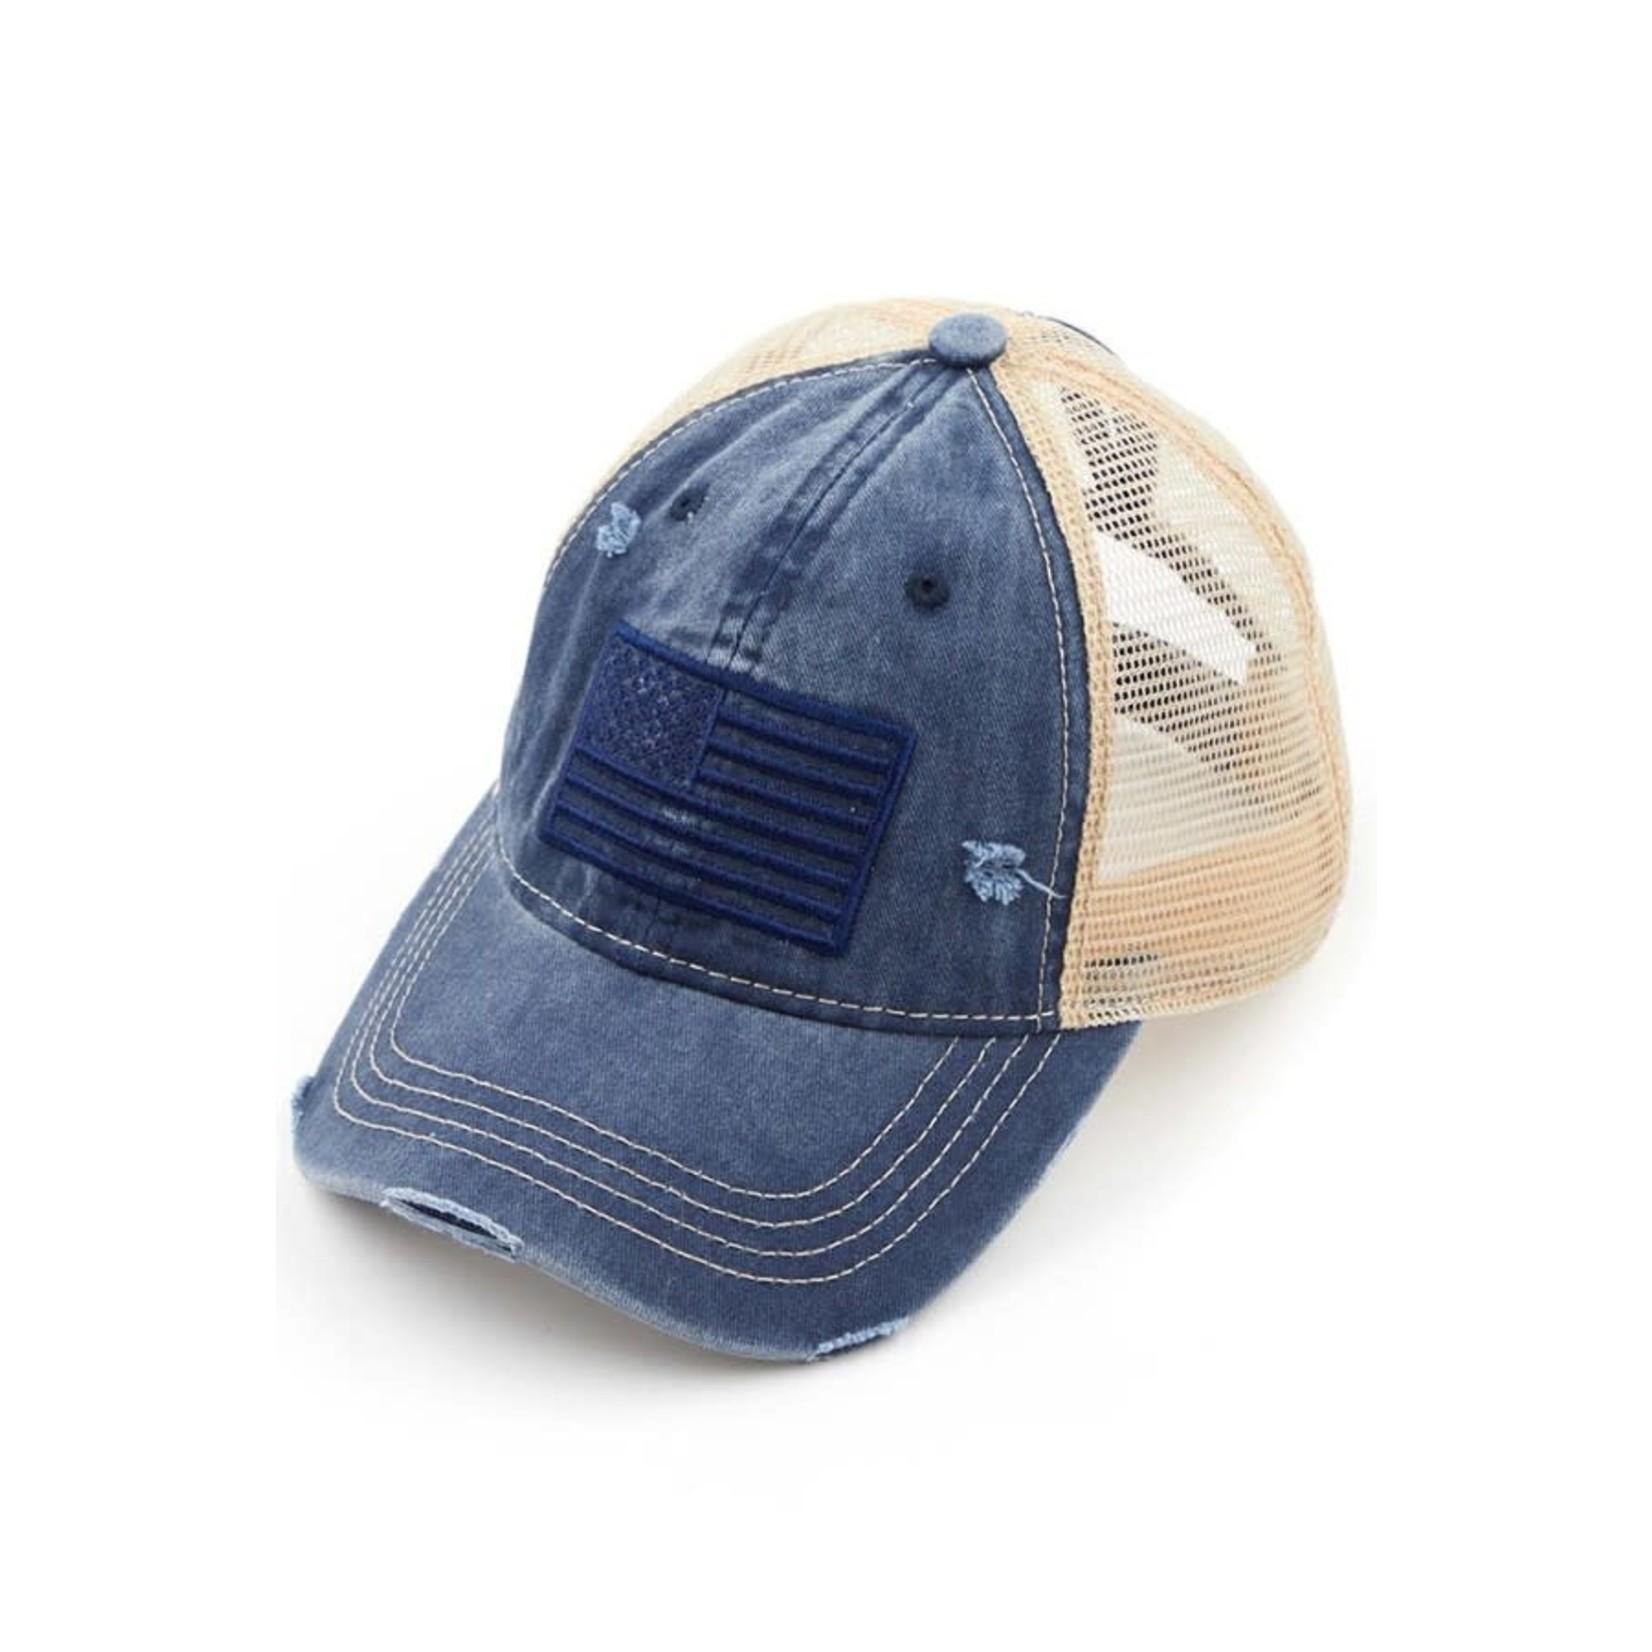 Hanna Hoisery Accessories: Navy U.S.A. Ponytail Trucker Hat